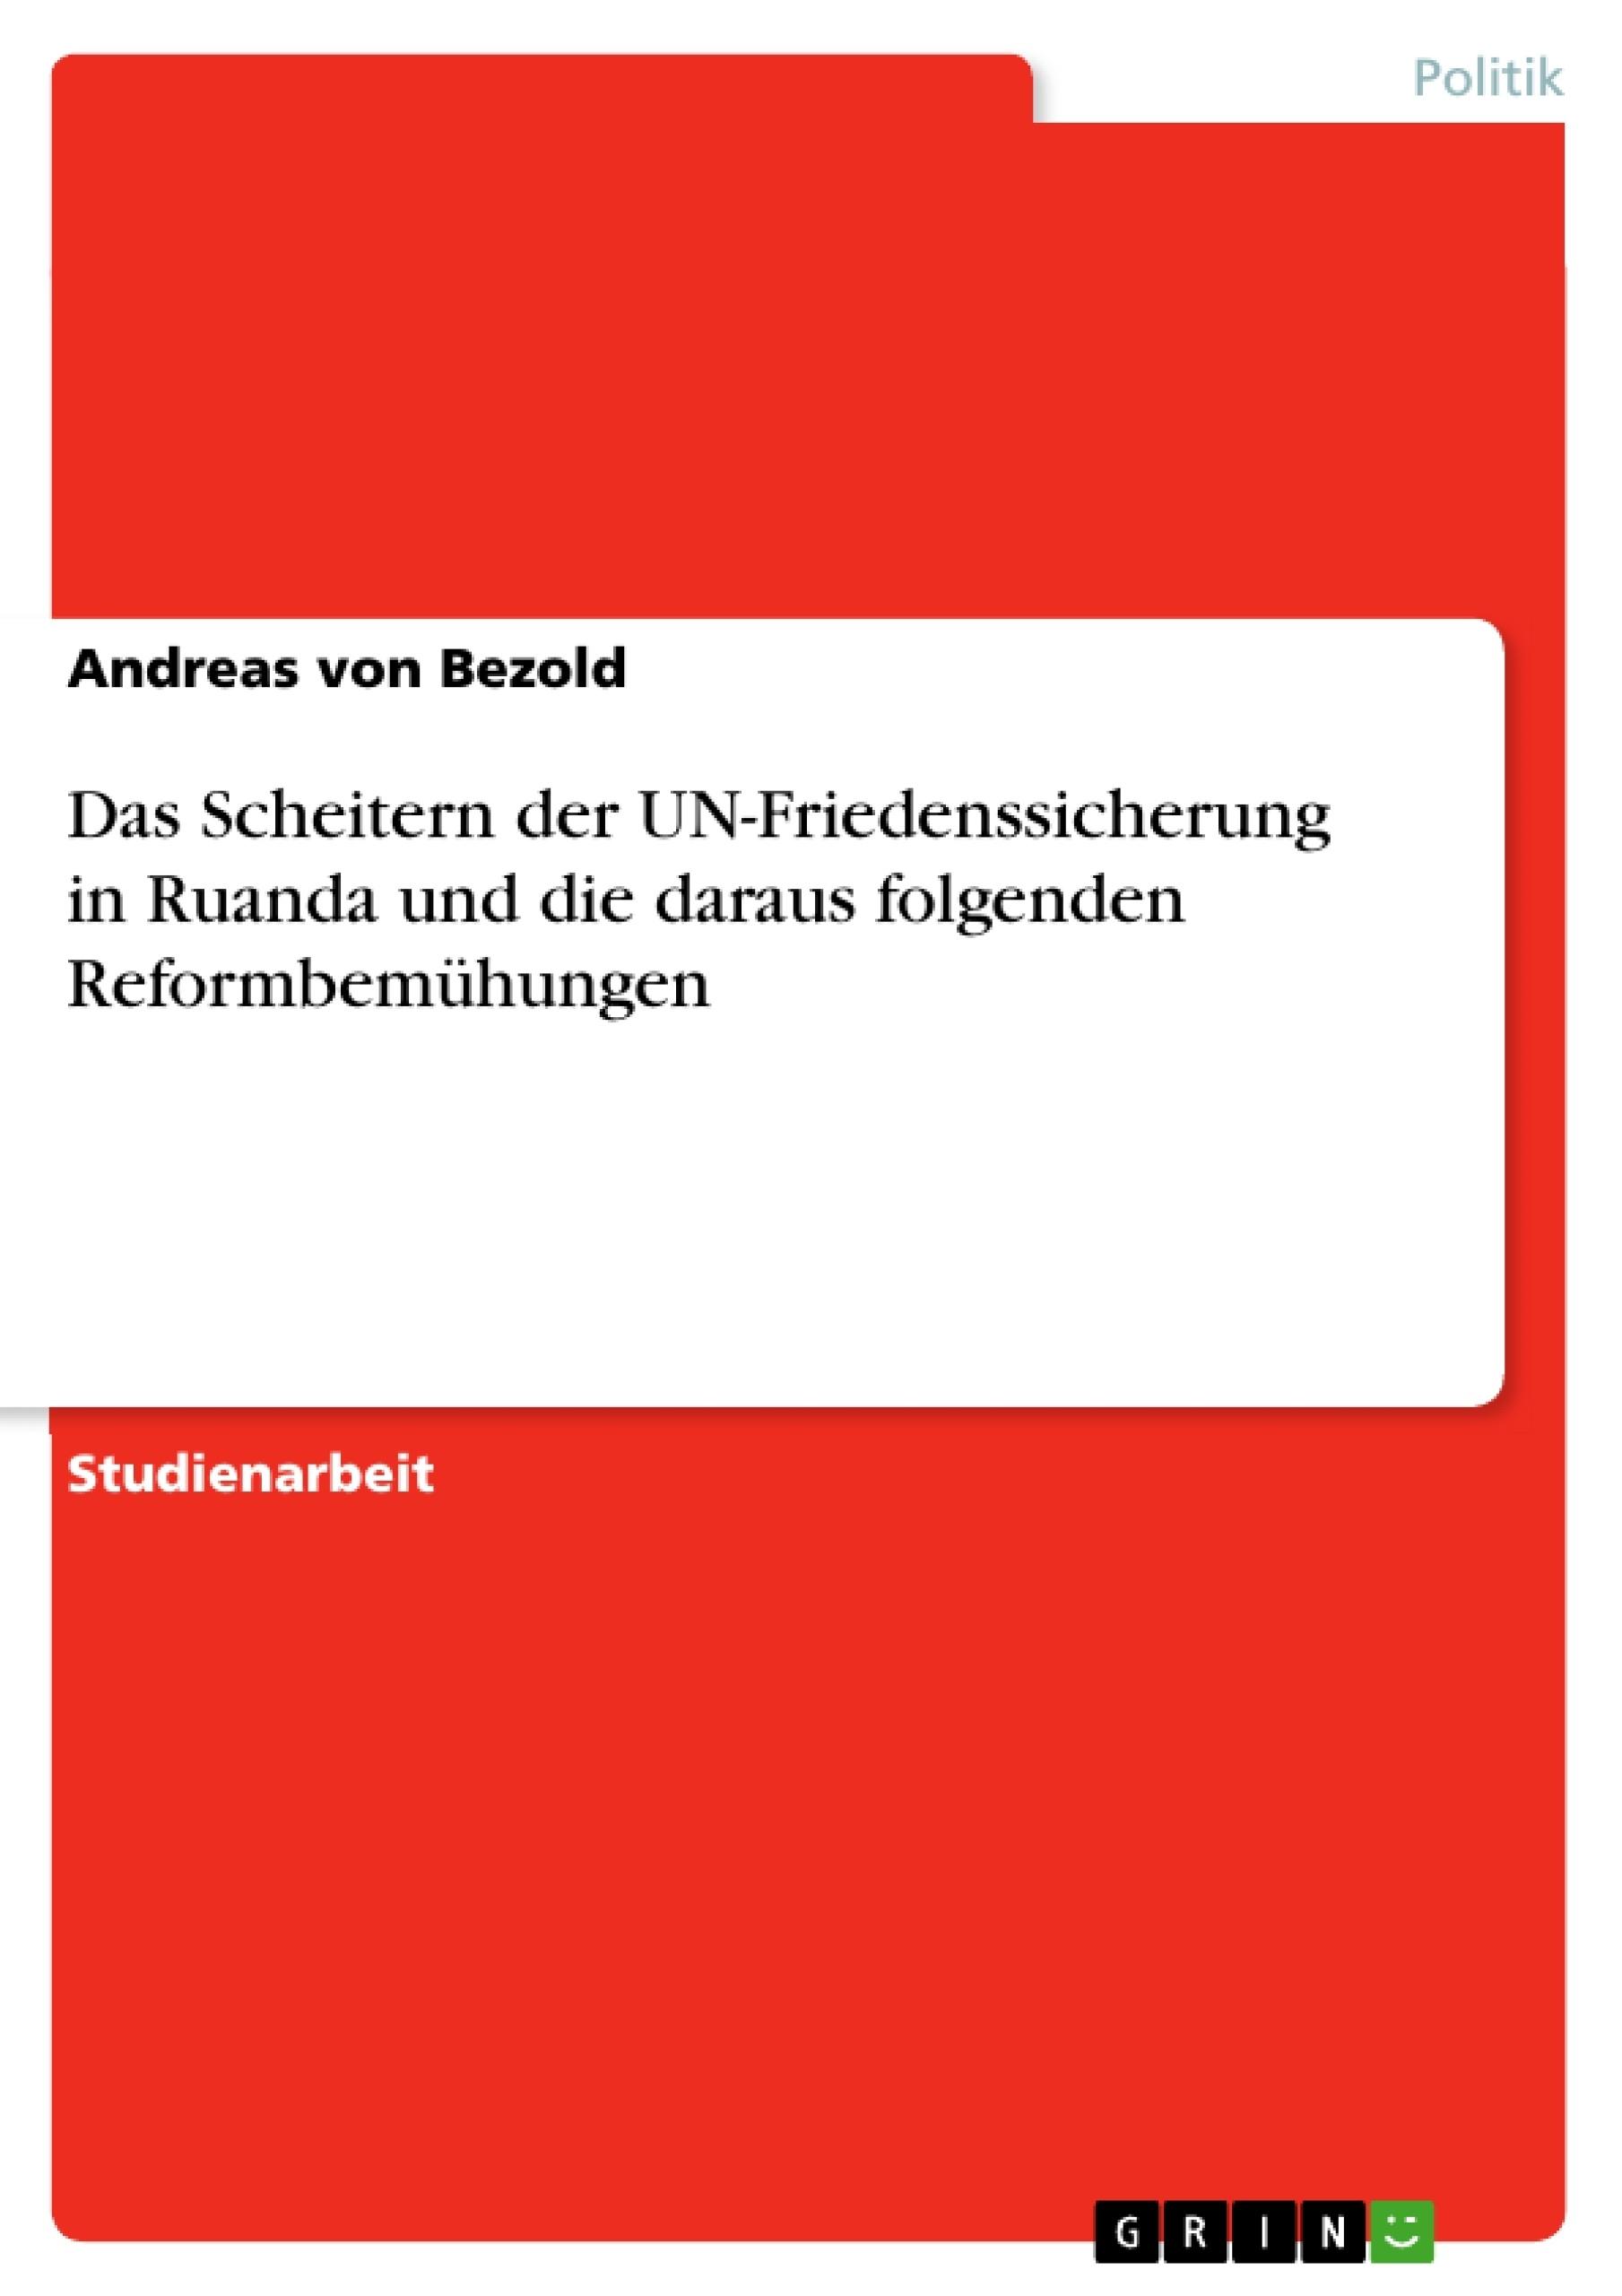 Titel: Das Scheitern der UN-Friedenssicherung in Ruanda und die daraus folgenden  Reformbemühungen